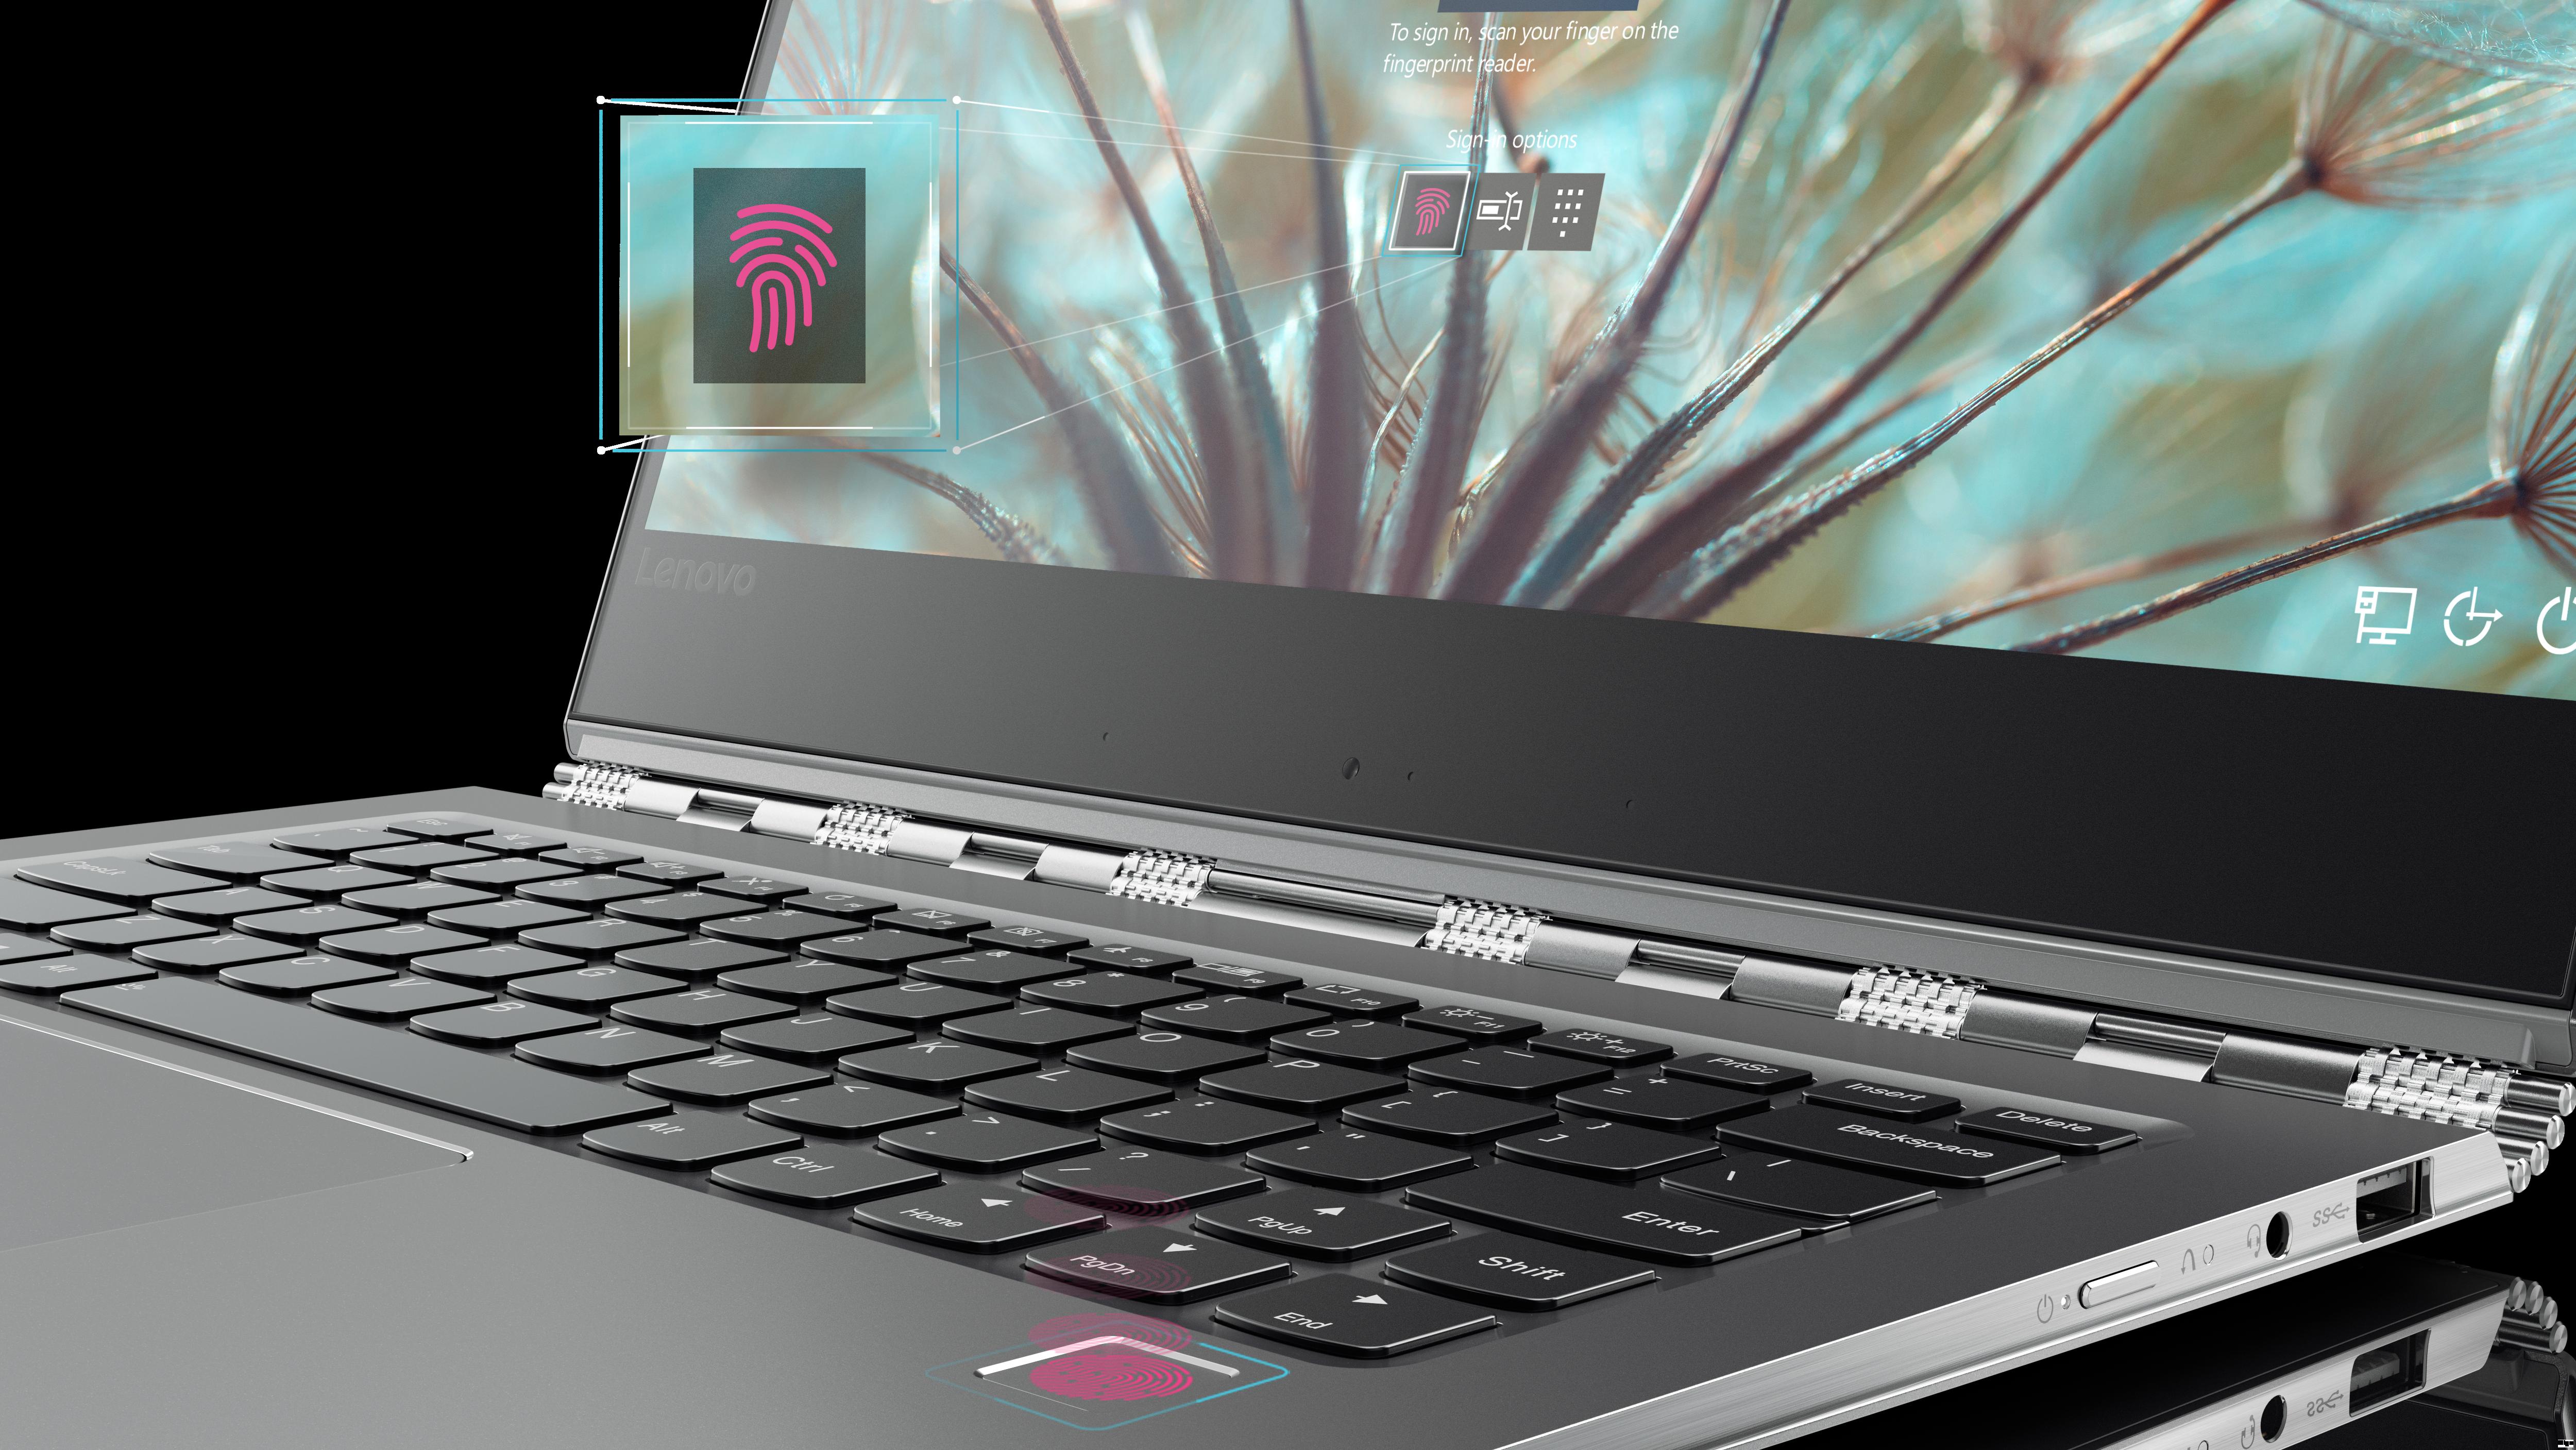 Lenovo Yoga 910 Convertible Fingerprint Reader In Gold